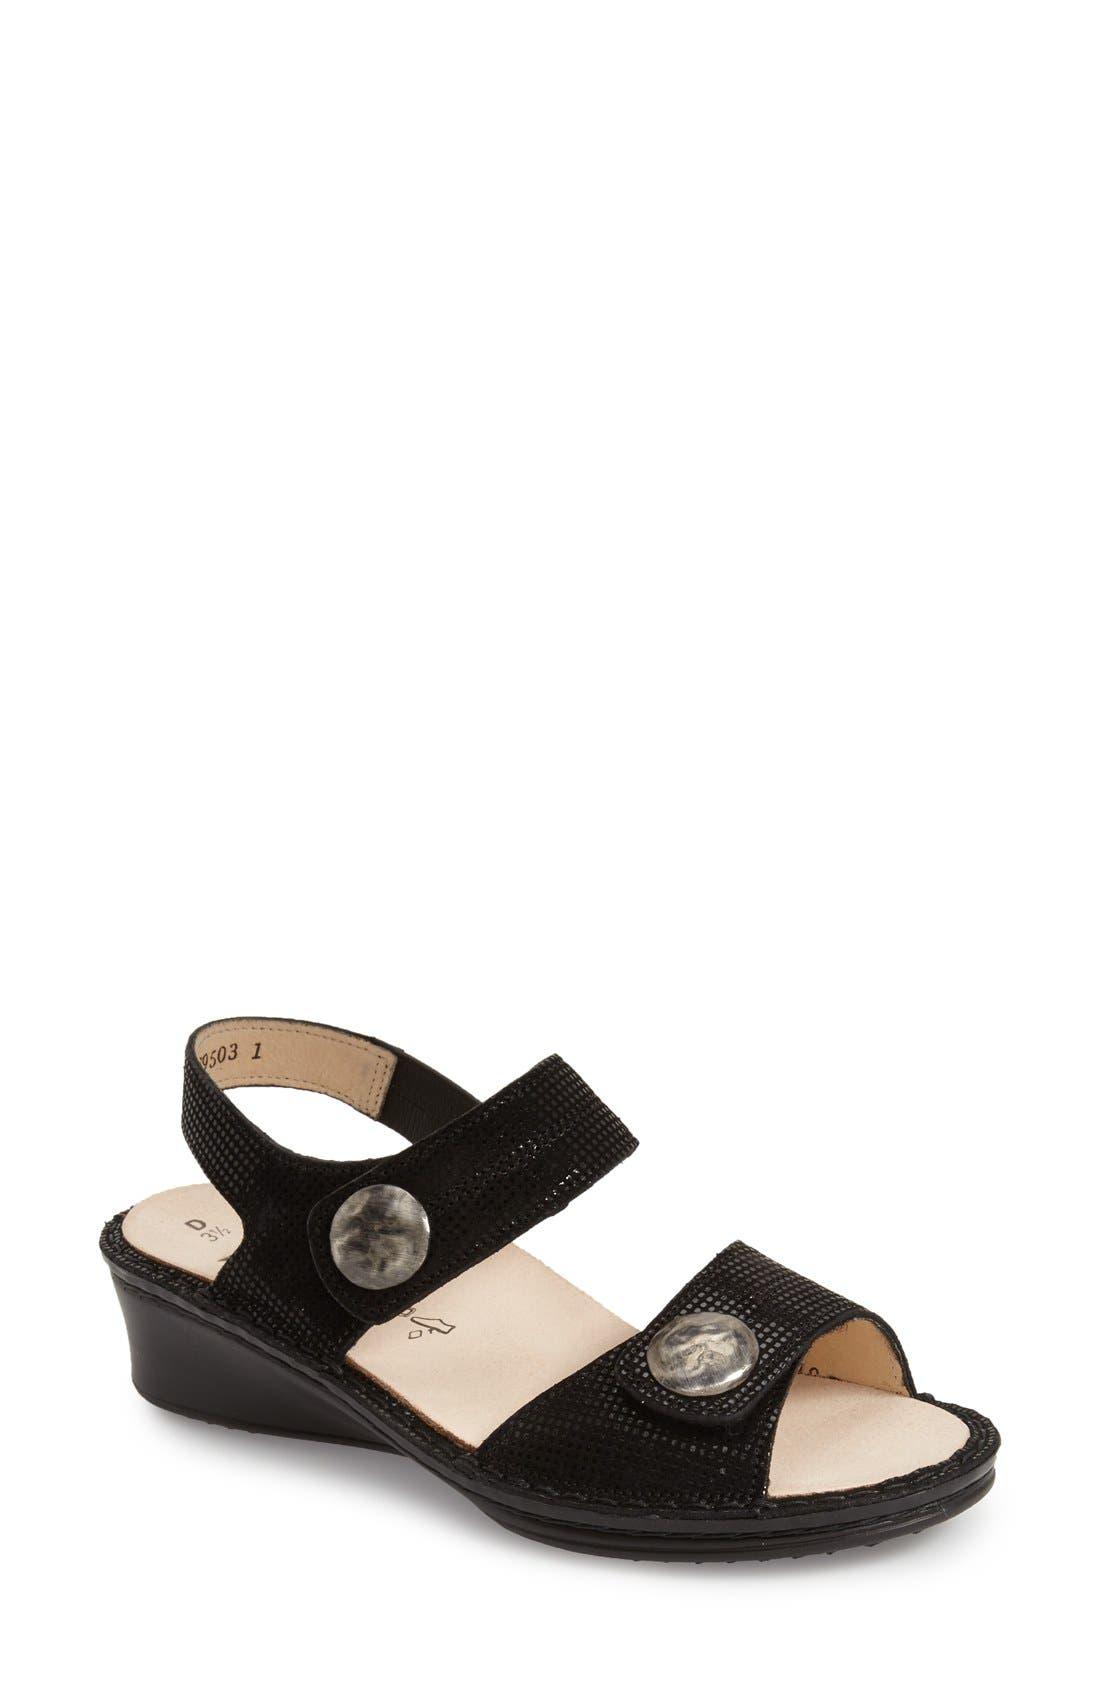 Alternate Image 1 Selected - Finn Comfort 'Alanya' Sandal (Women)